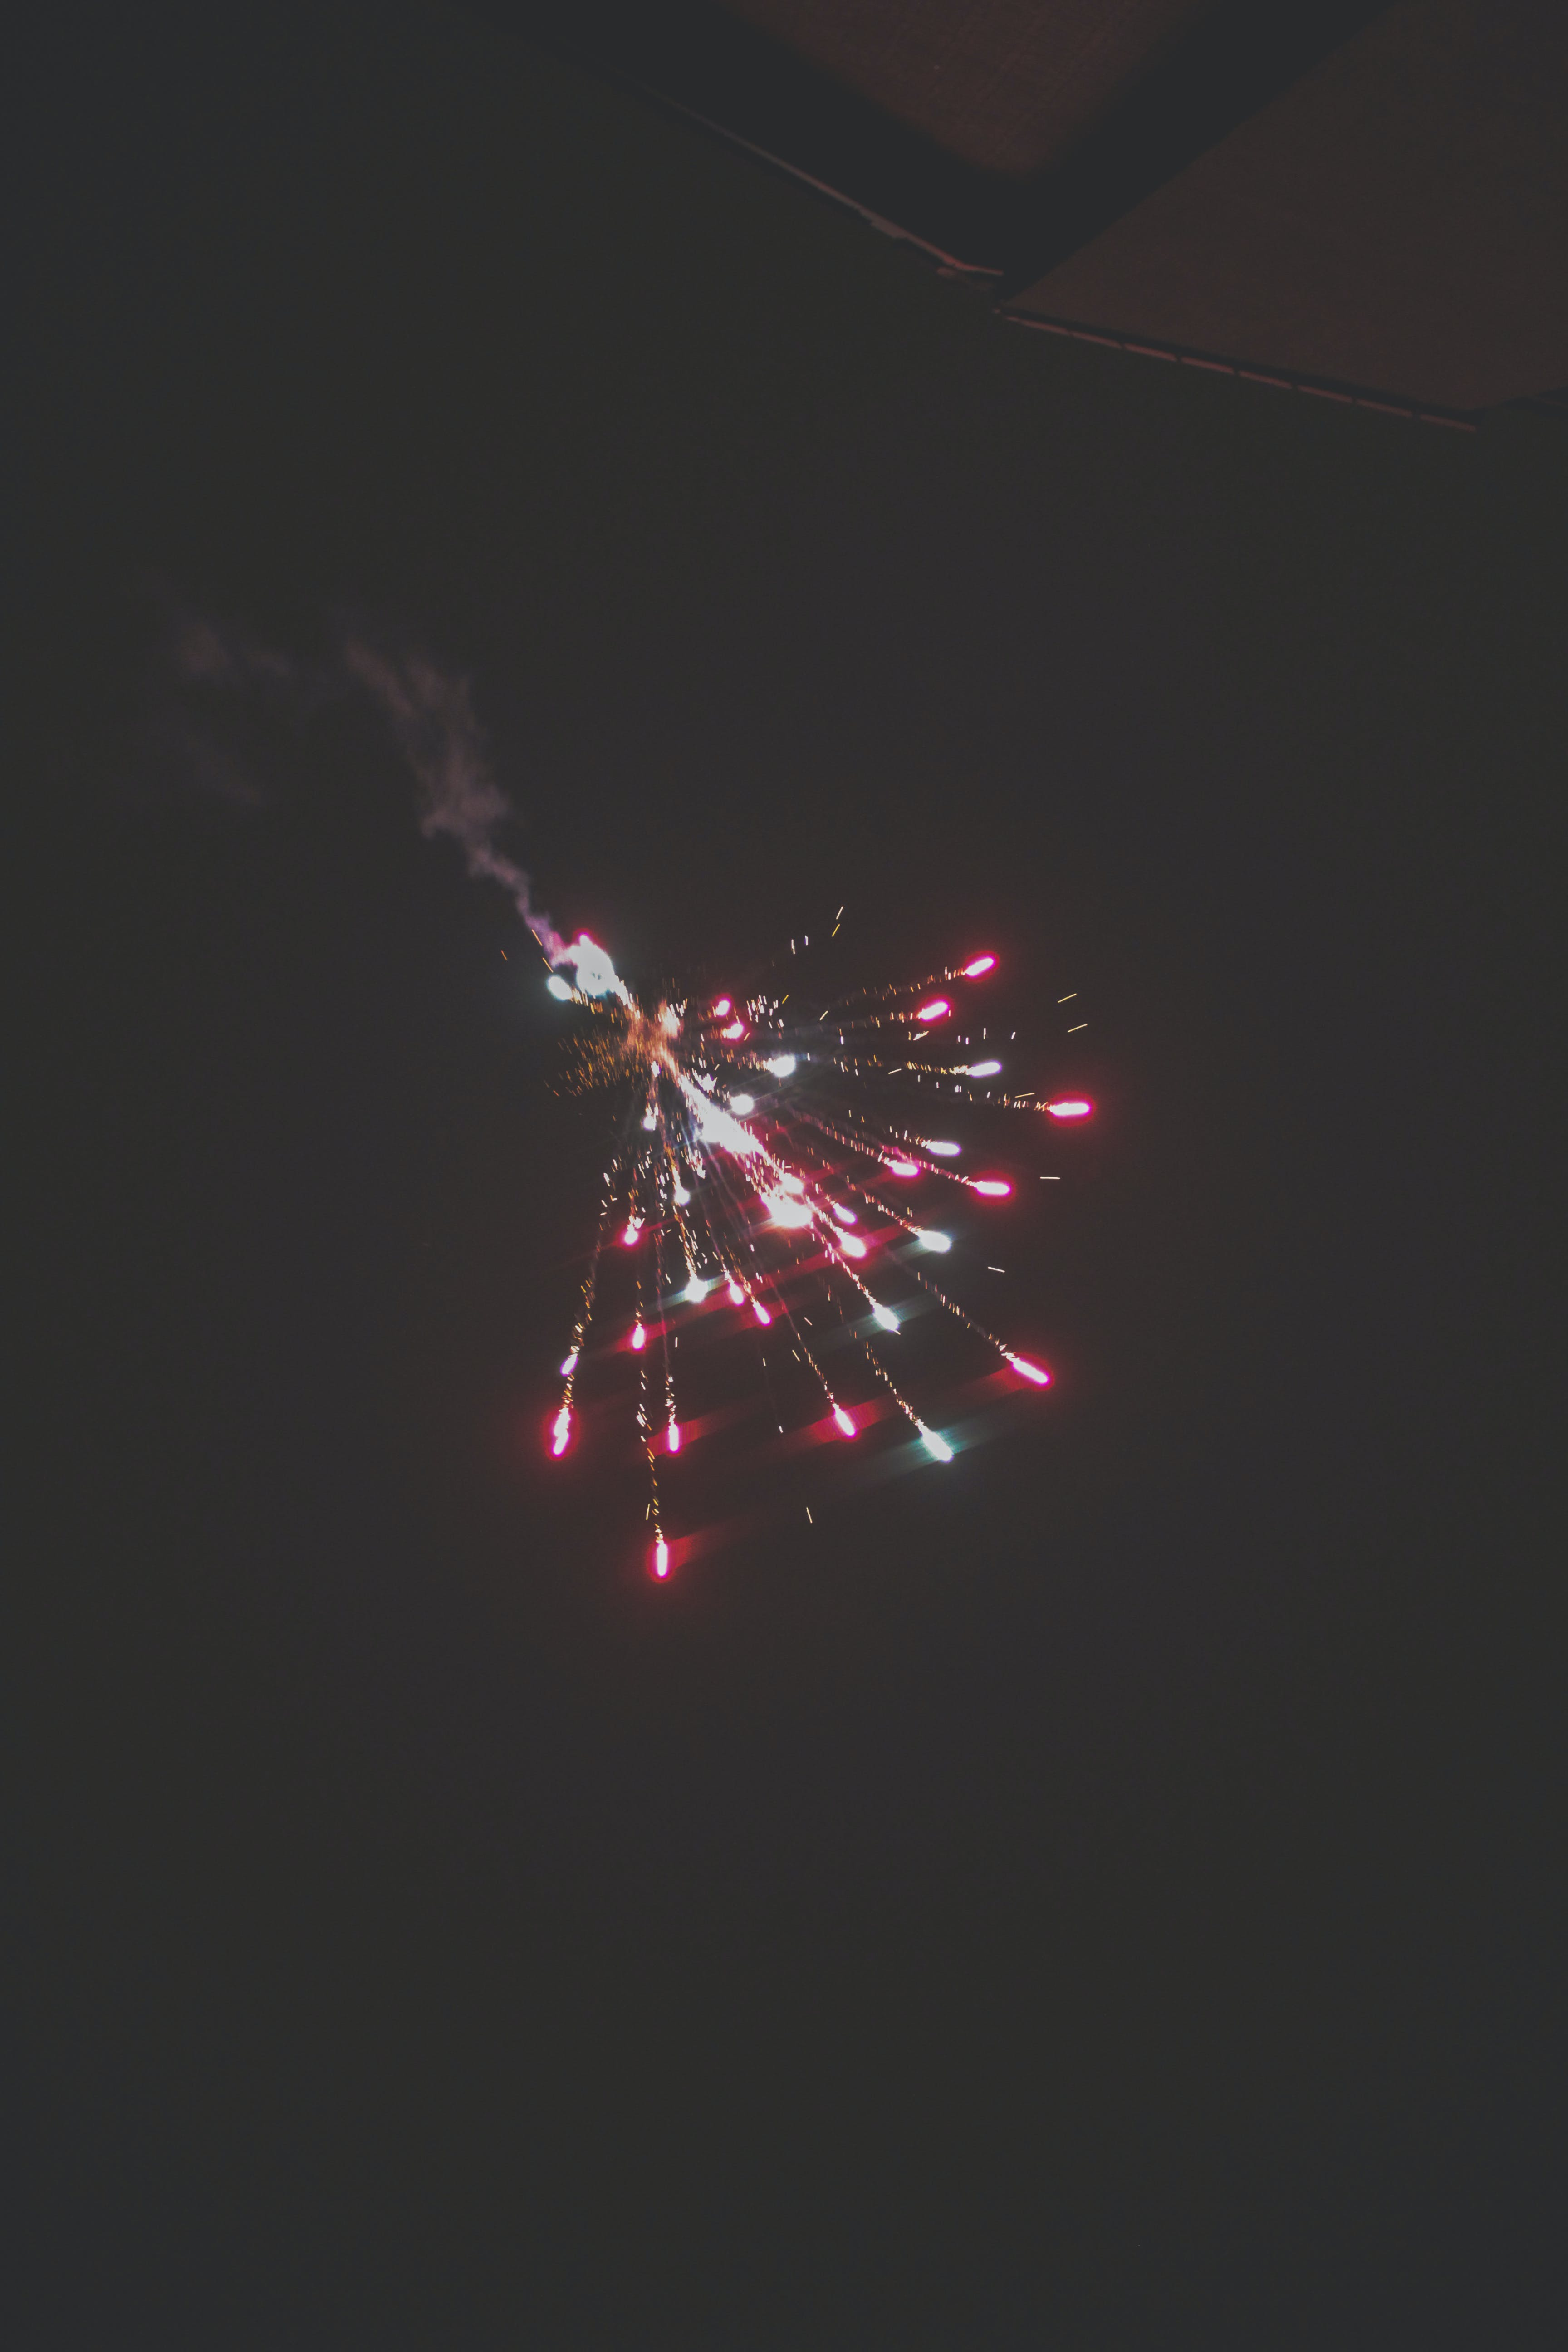 feuerwerk, funken, licht